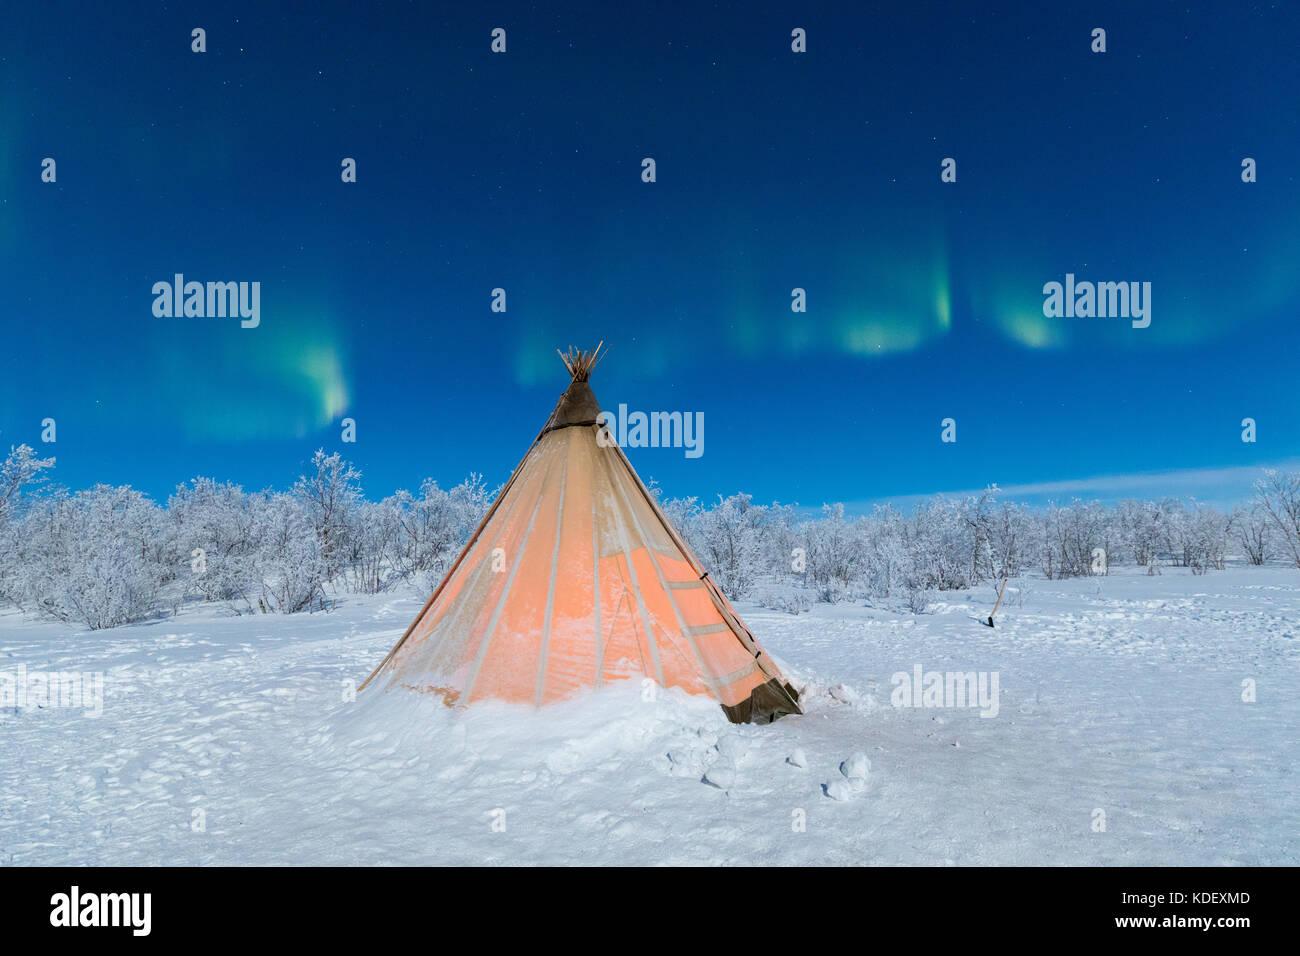 Sami isolata tenda nella neve sotto le luci del nord, abisko, kiruna comune, norrbotten county, Lapponia, Svezia Immagini Stock